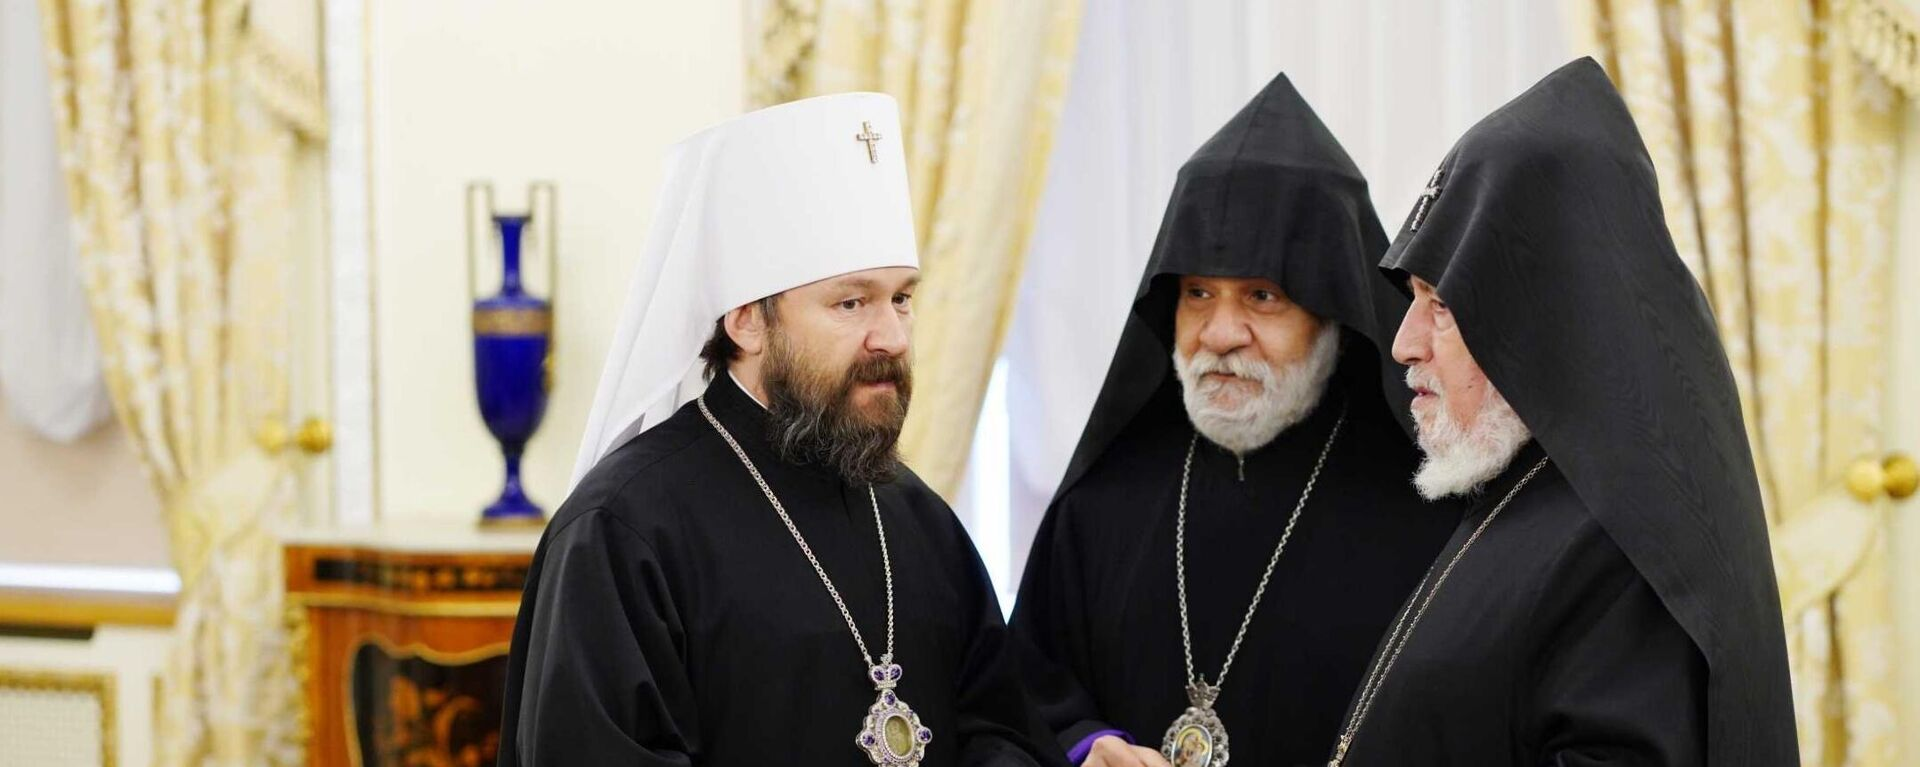 Встреча духовных лидеров России, Армении и Азербайджана в Москве - Sputnik Армения, 1920, 13.10.2021